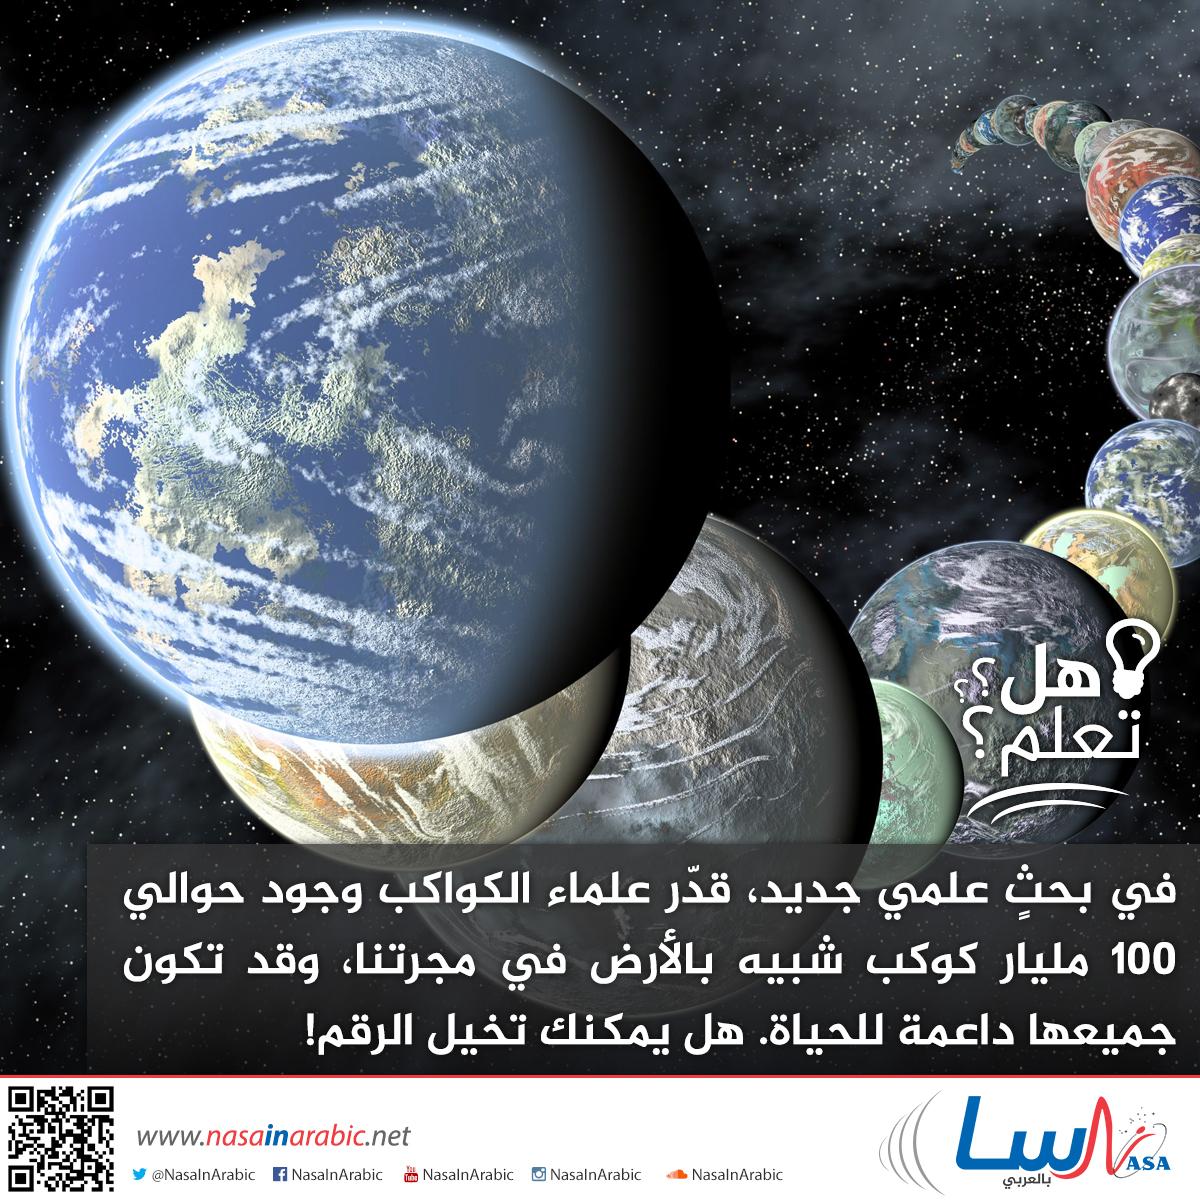 الكواكب الشبيهة بالأرض